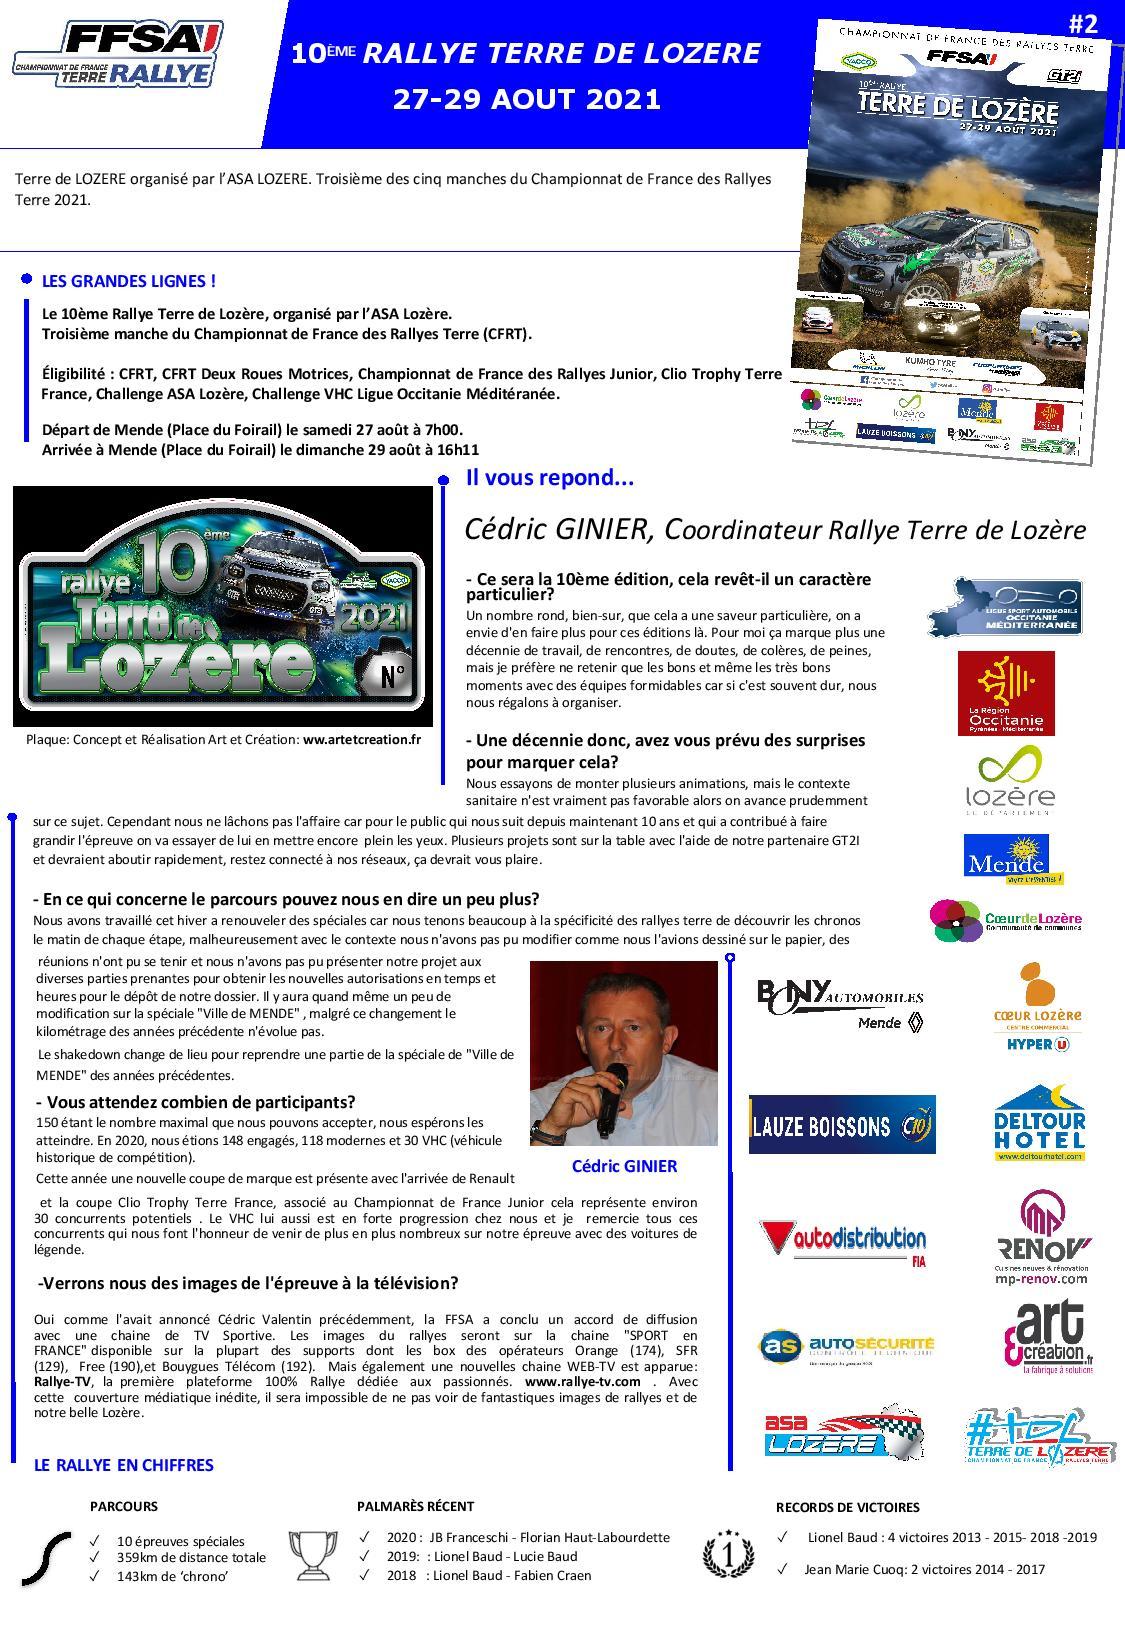 Lettre_tdl2021-2-page-001.jpg